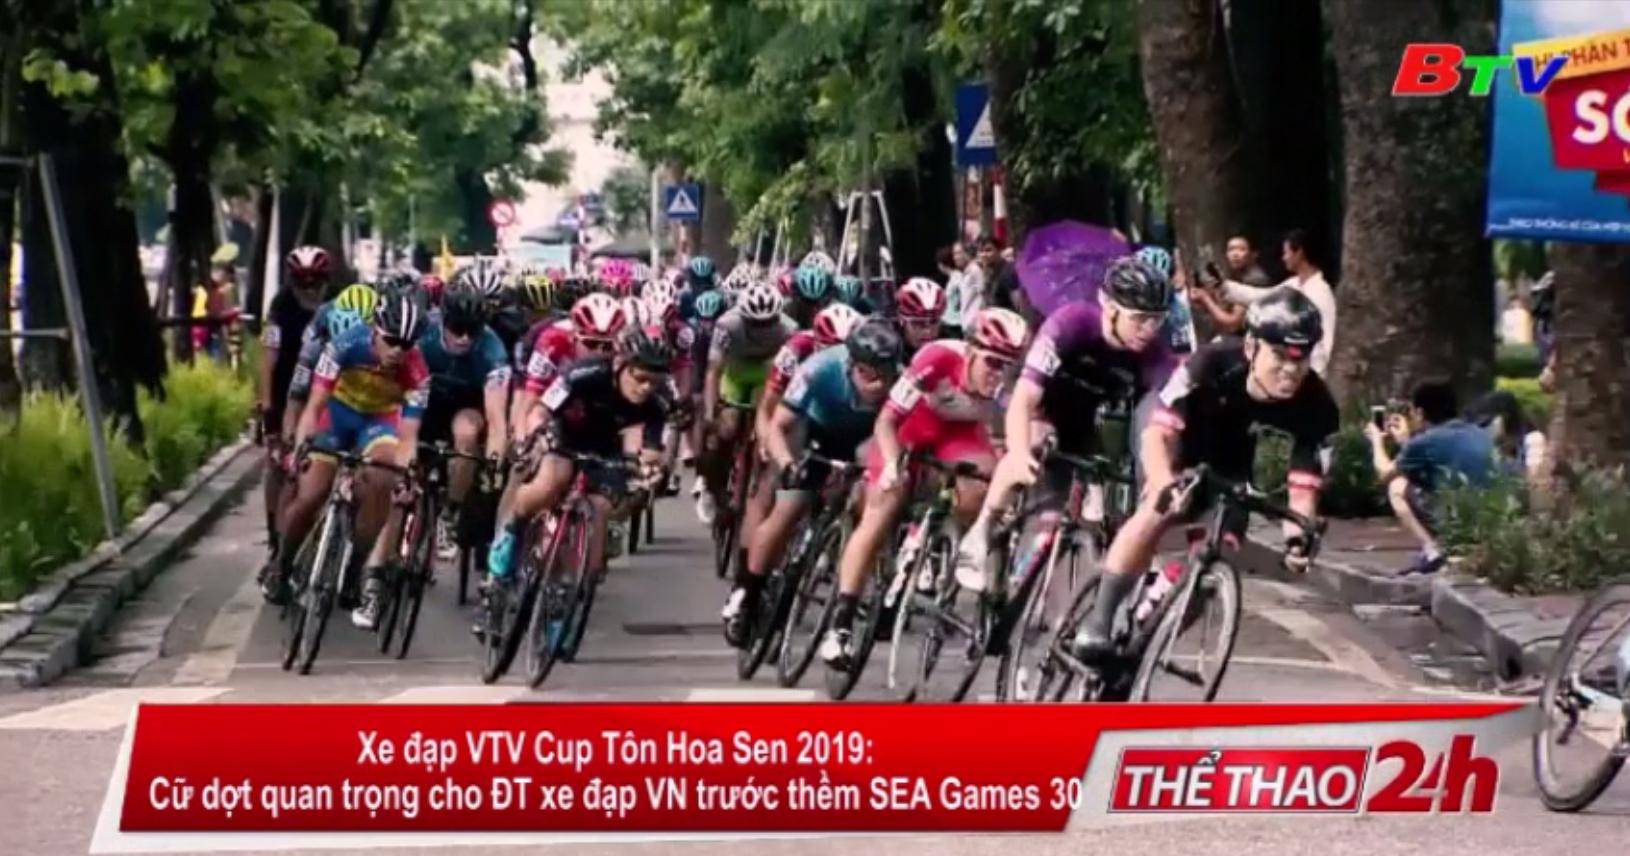 Xe đạp VTV Cúp Tôn Hoa Sen 2019 - Cữ dợt quan trọng cho ĐT xe đạp VN trước thềm SEA Games 30